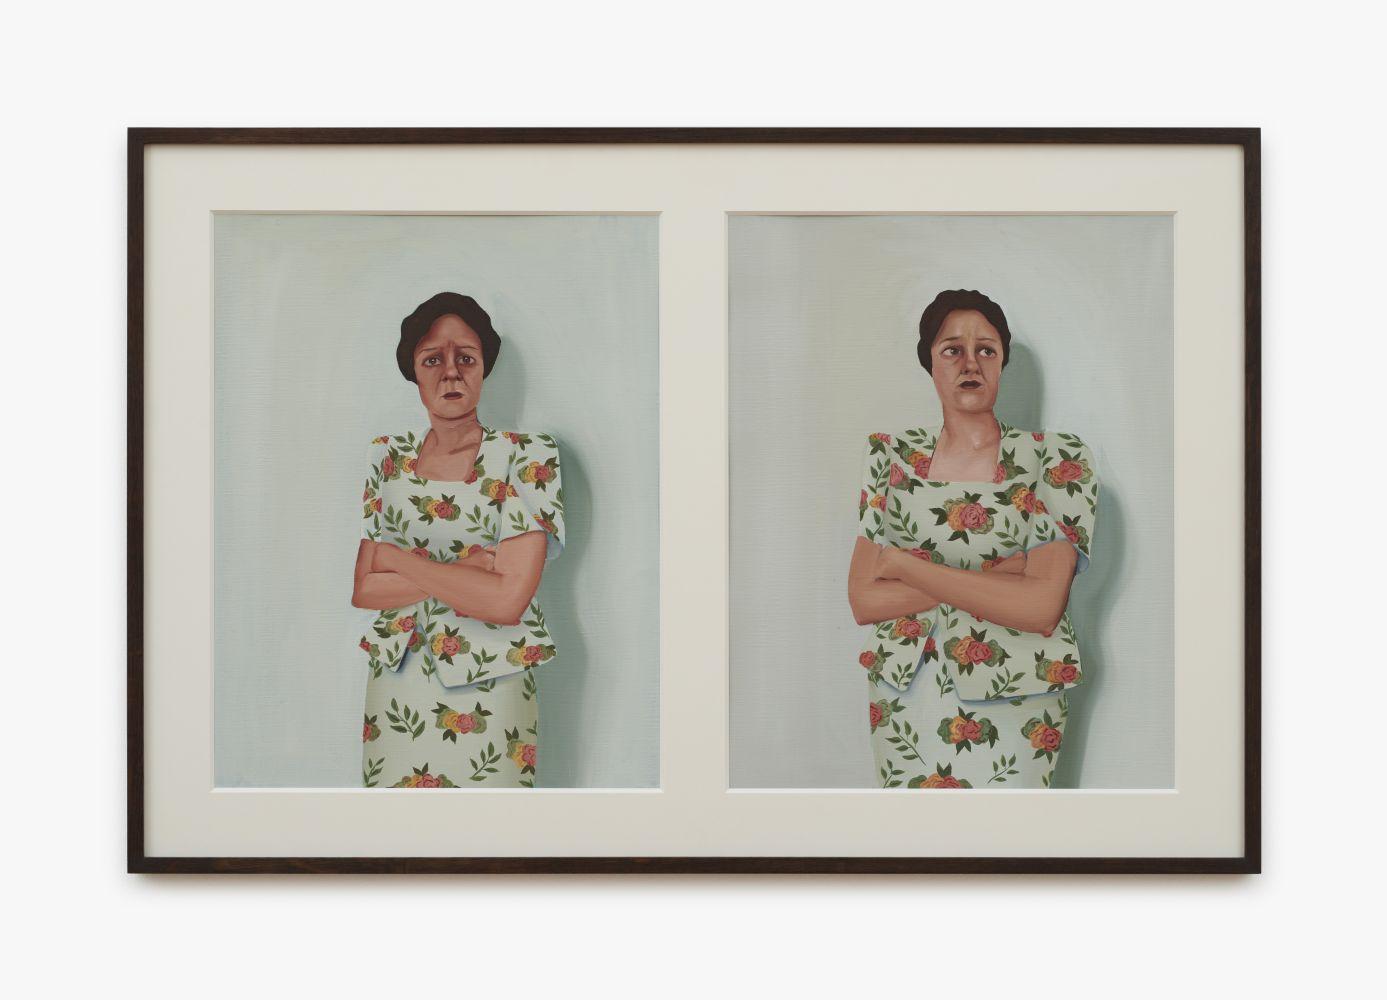 Madeleine Pfull, Box Shoulders Study, 2020. oil on paper, 21 1/2 x 32 1/2 in, framed 54.5 x 82.5 cm, framed (MP20.026)